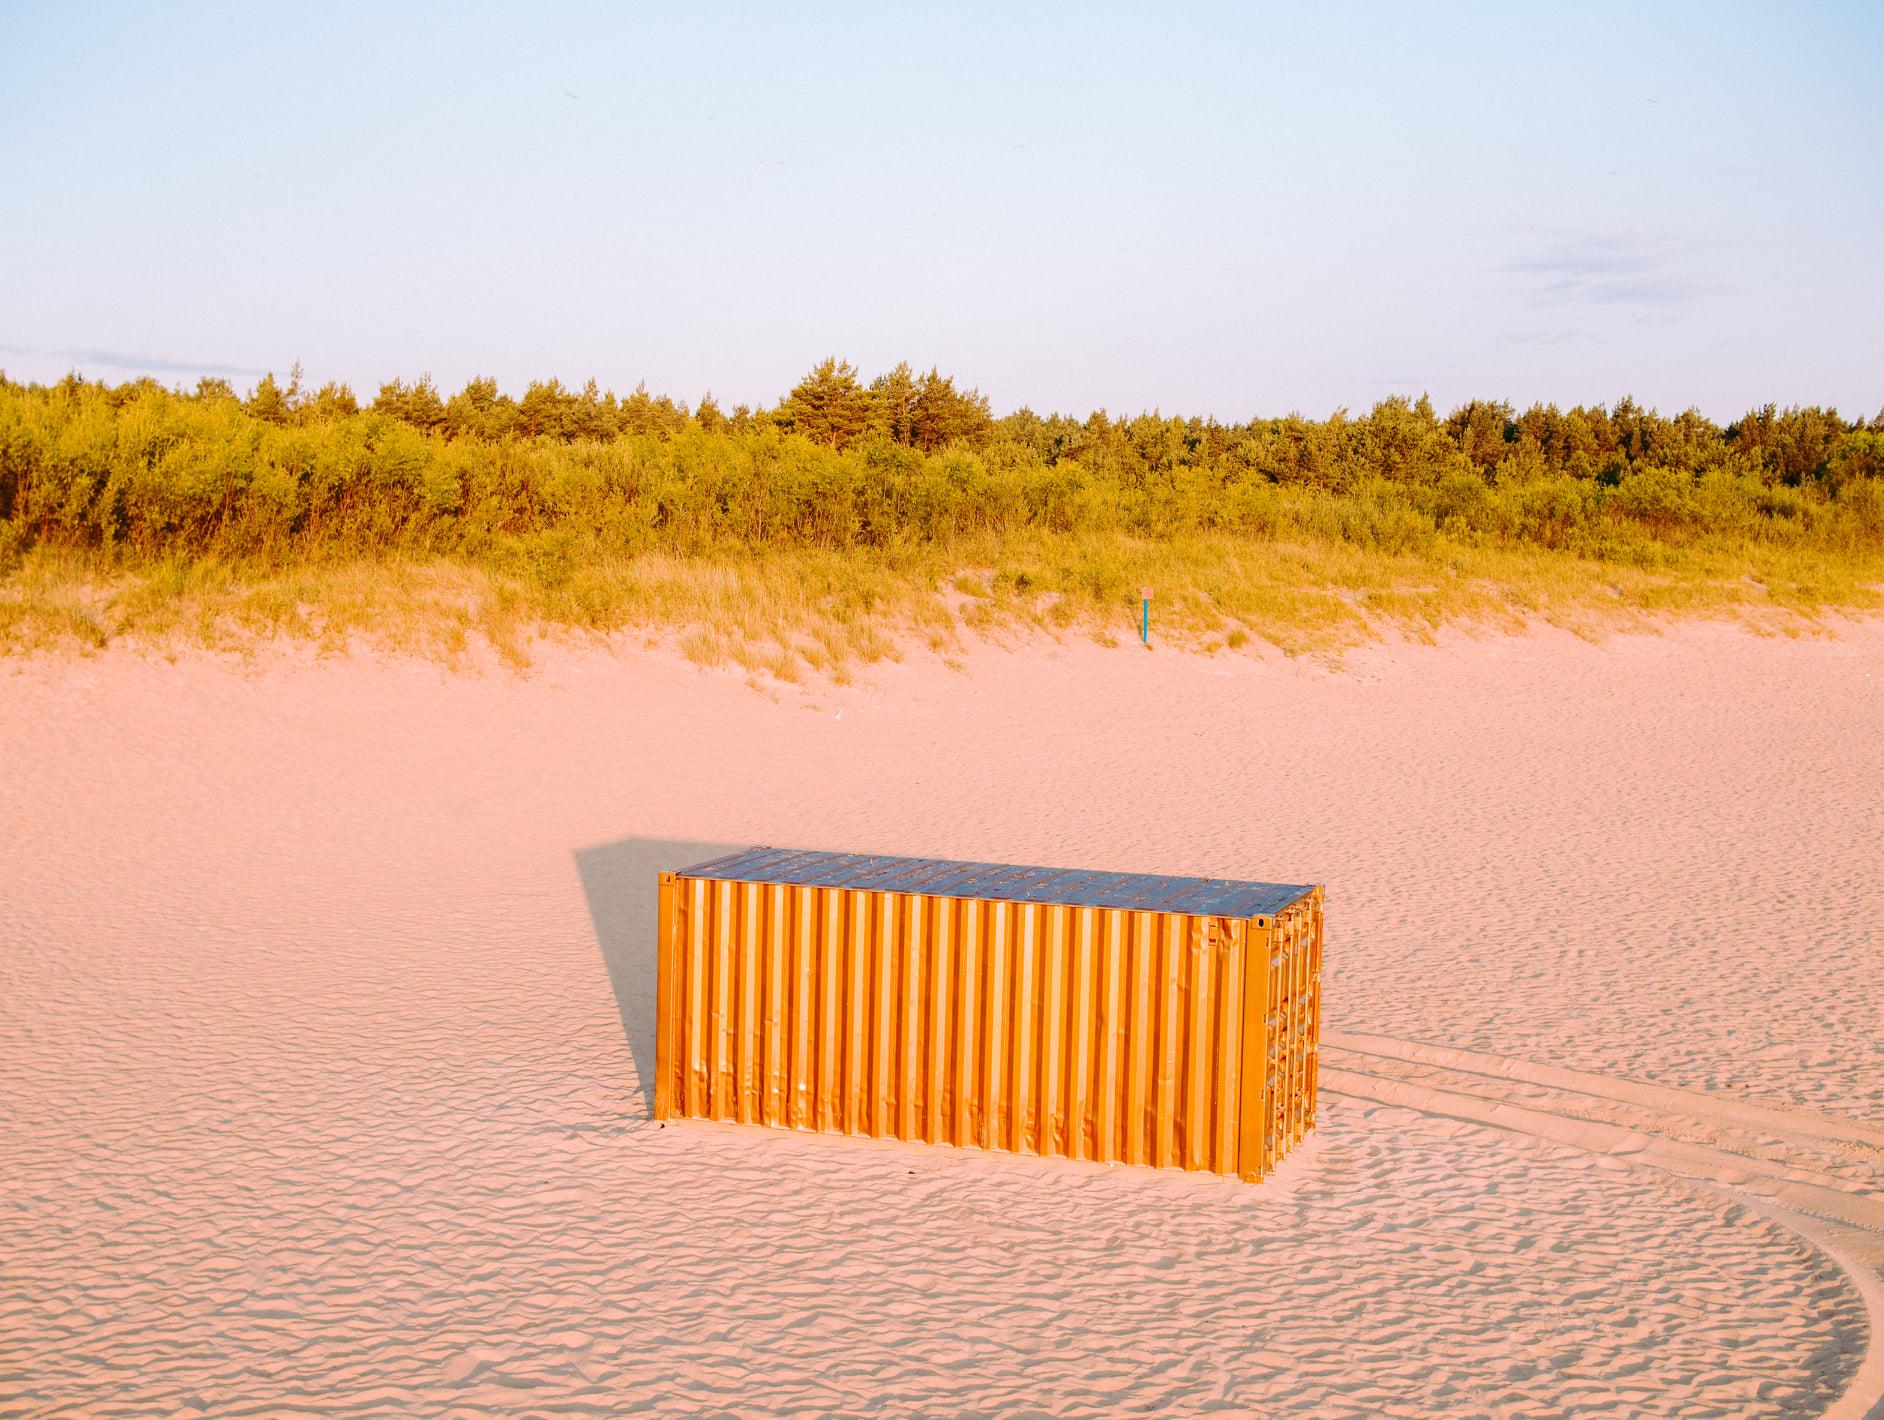 Zagadkowe kontenery na gdańskich plażach. Co zwiastują?